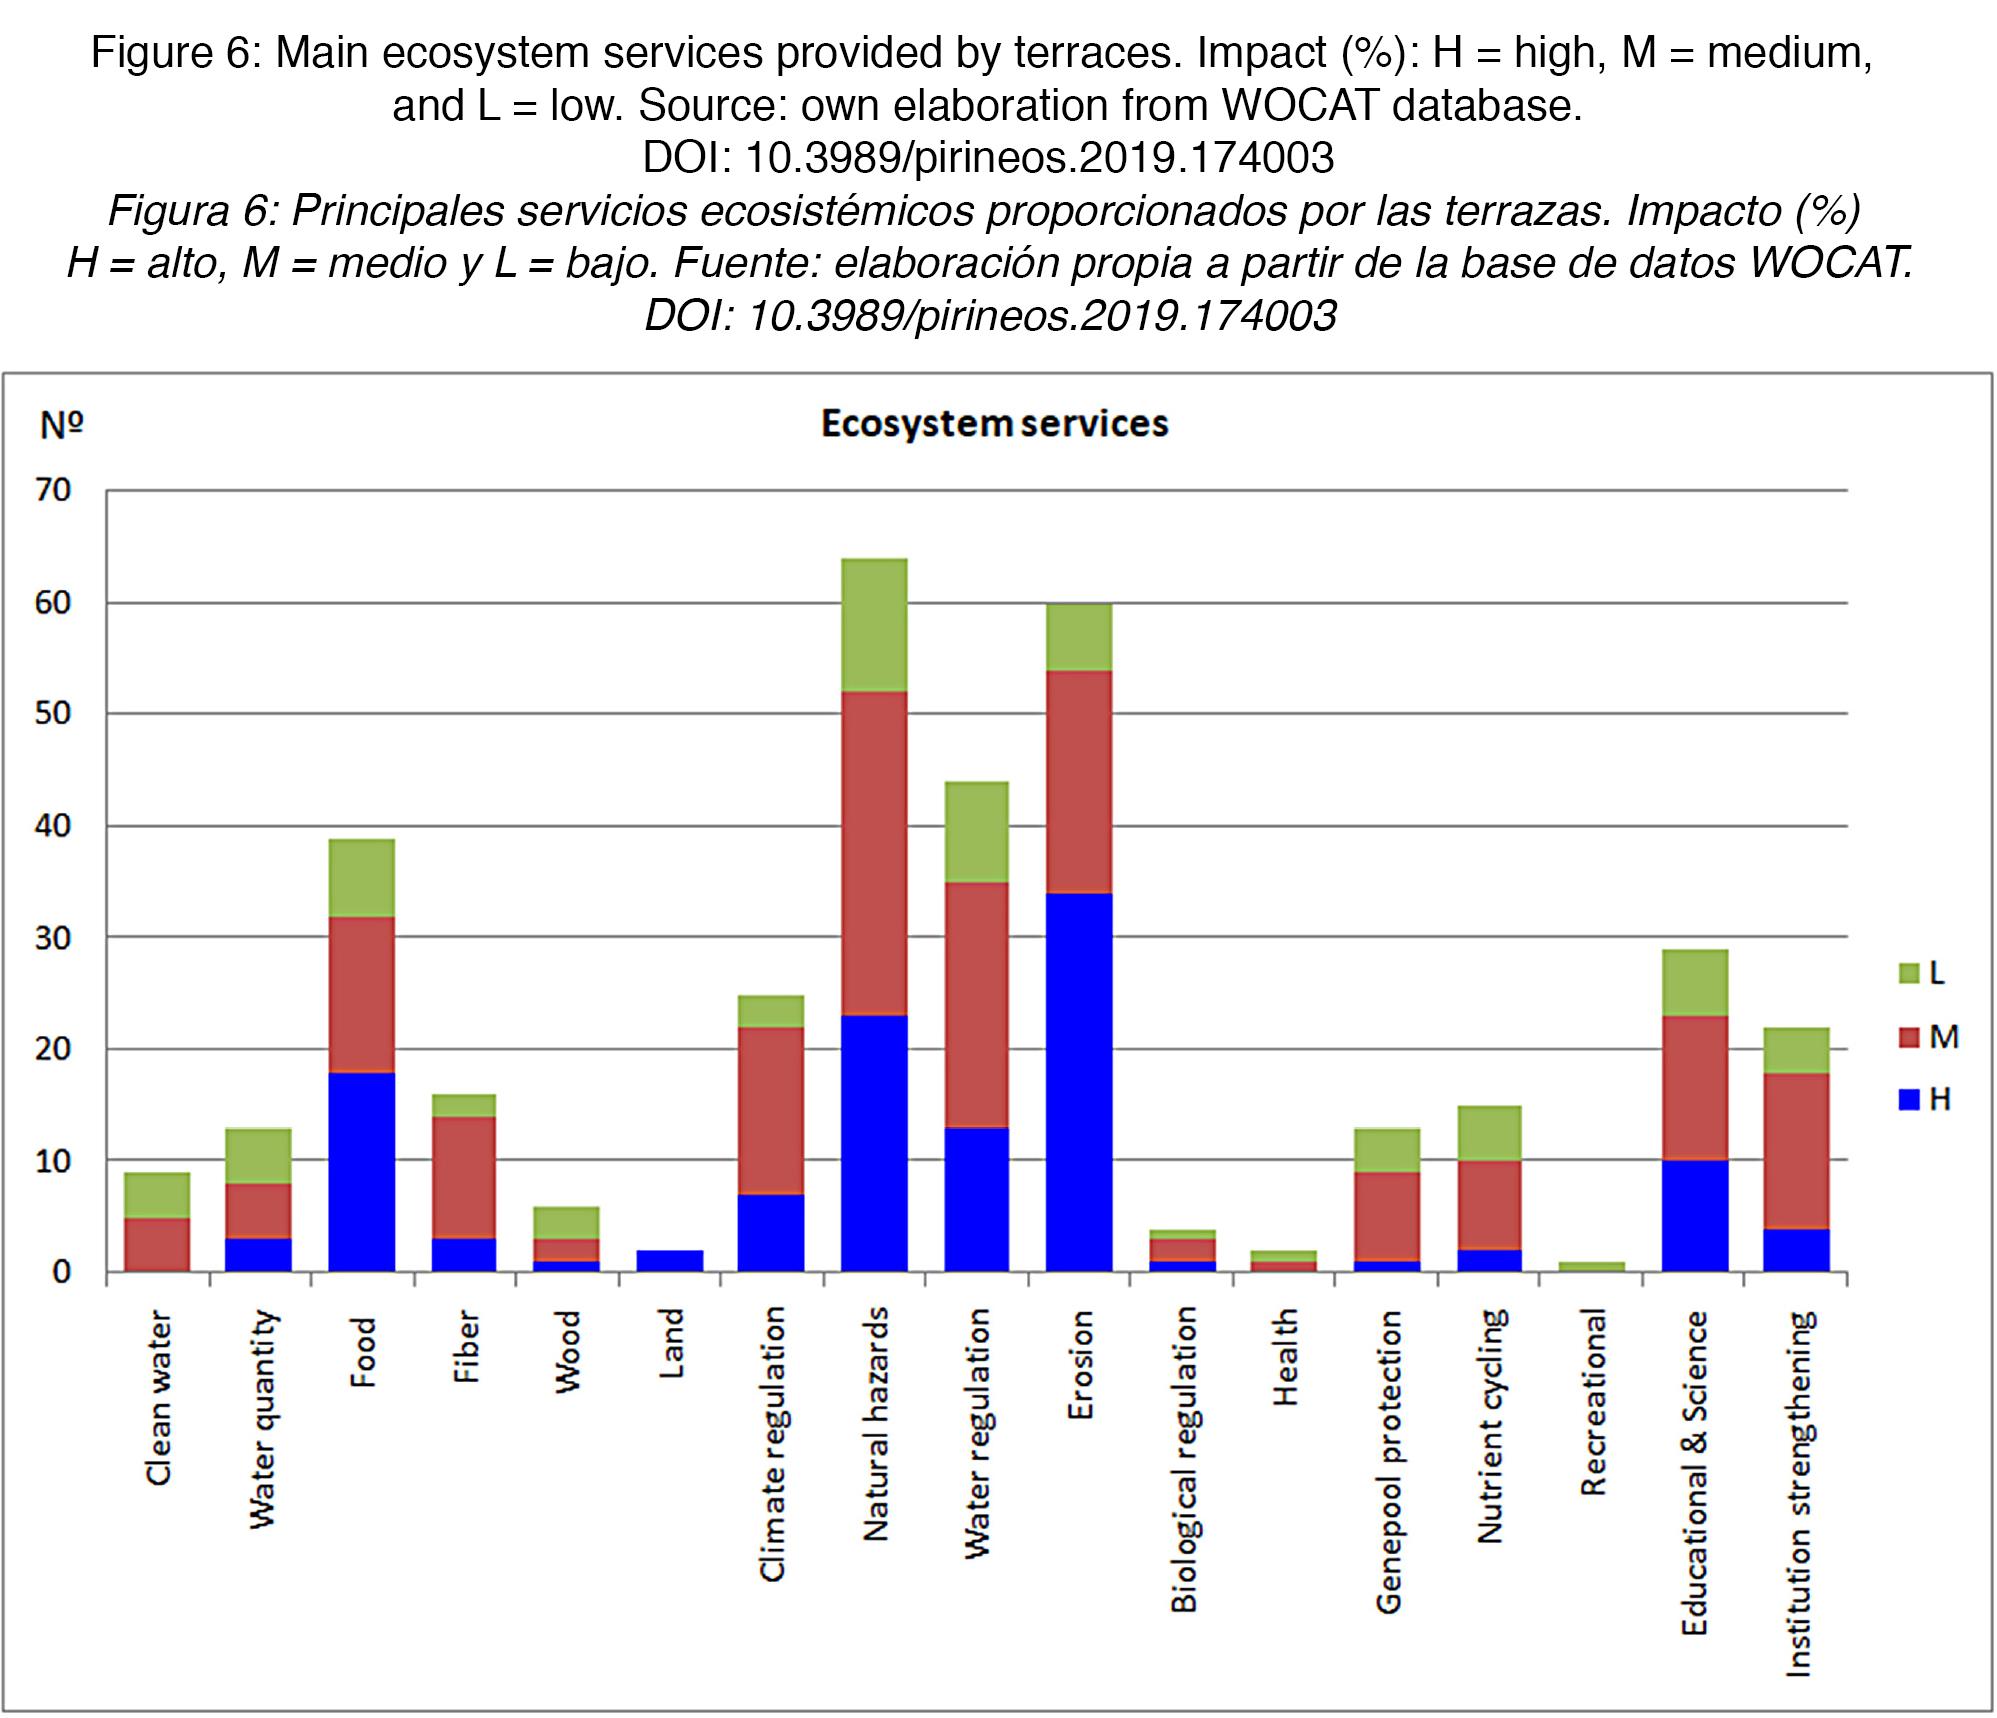 Evaluación De Los Servicios Ecosistémicos Proporcionados Por